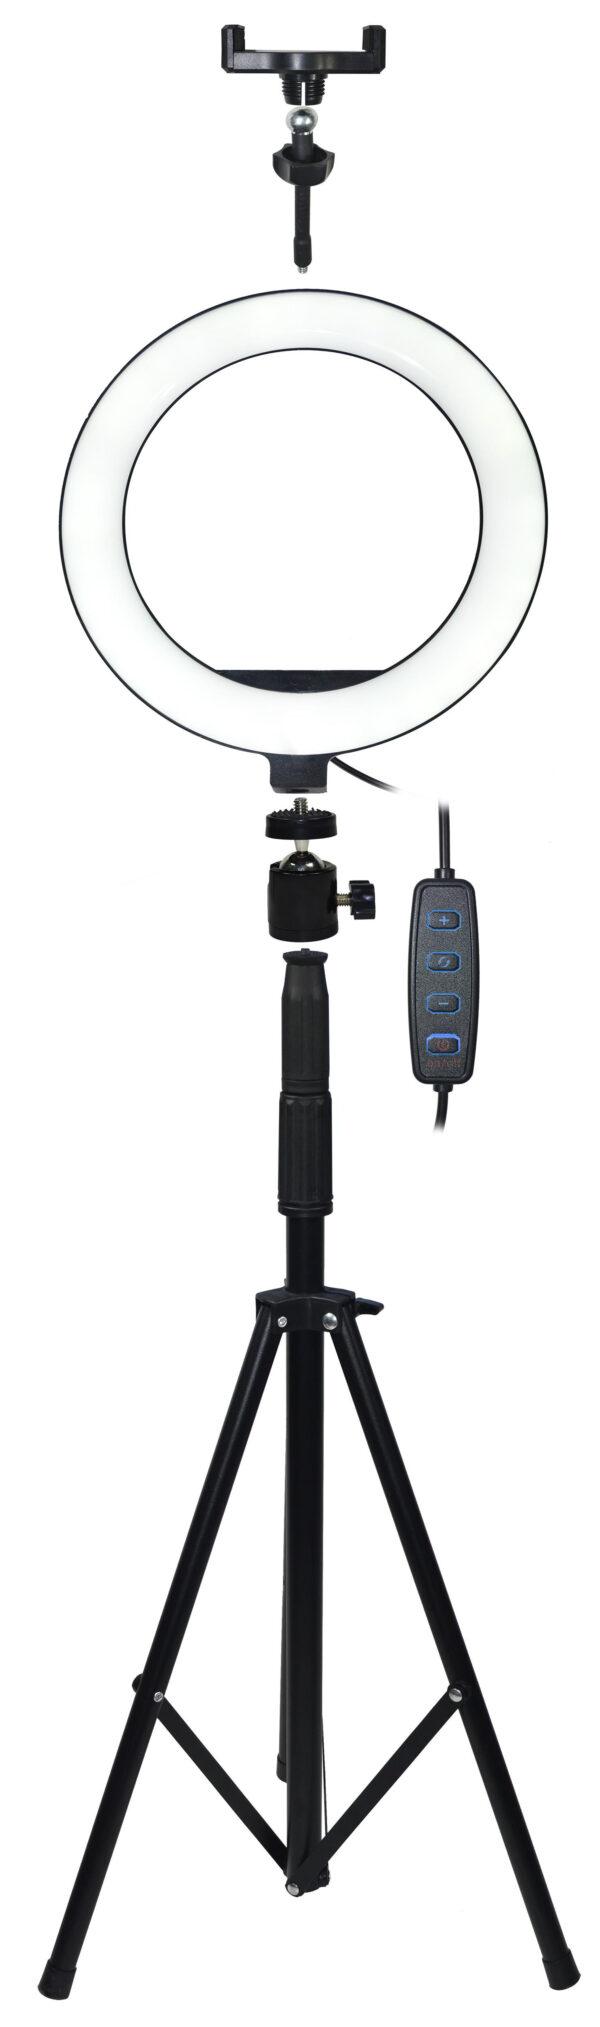 Prstenasta LED make-up svjetiljka sa stativom 200cm - VAKOSS